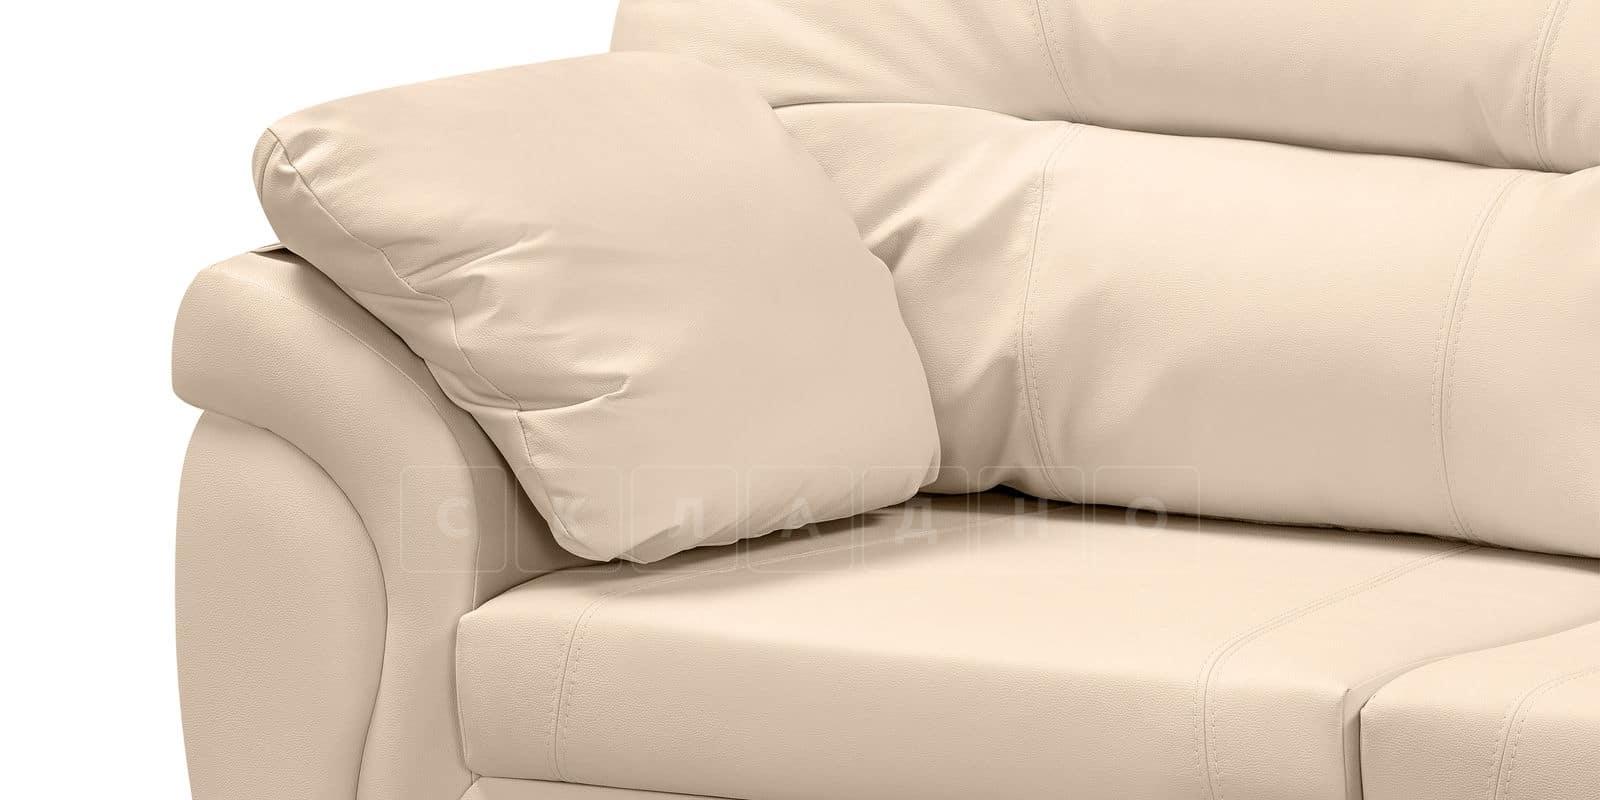 Диван угловой Бристоль кожаный бежевого цвета левый угол фото 7 | интернет-магазин Складно